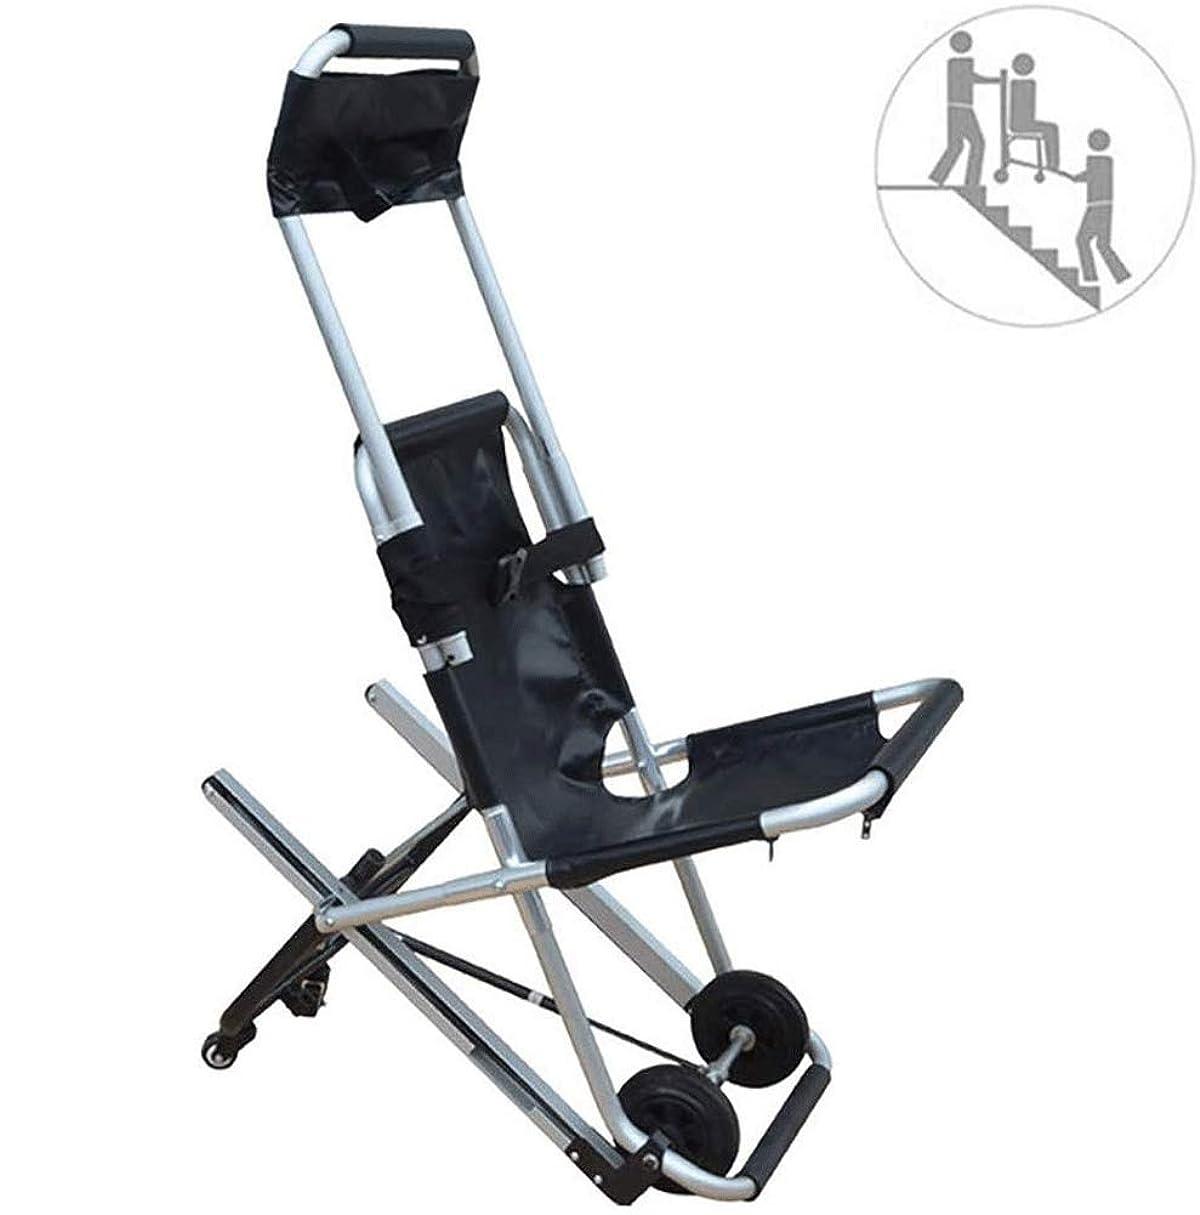 種をまく練る策定する折り畳み式のEMS階段椅子、高齢者、障害者のためのクイックリリースバックル付き4ホイールアルミ軽量医療モビリティエイドで追跡階段チェア (Color : 黒)